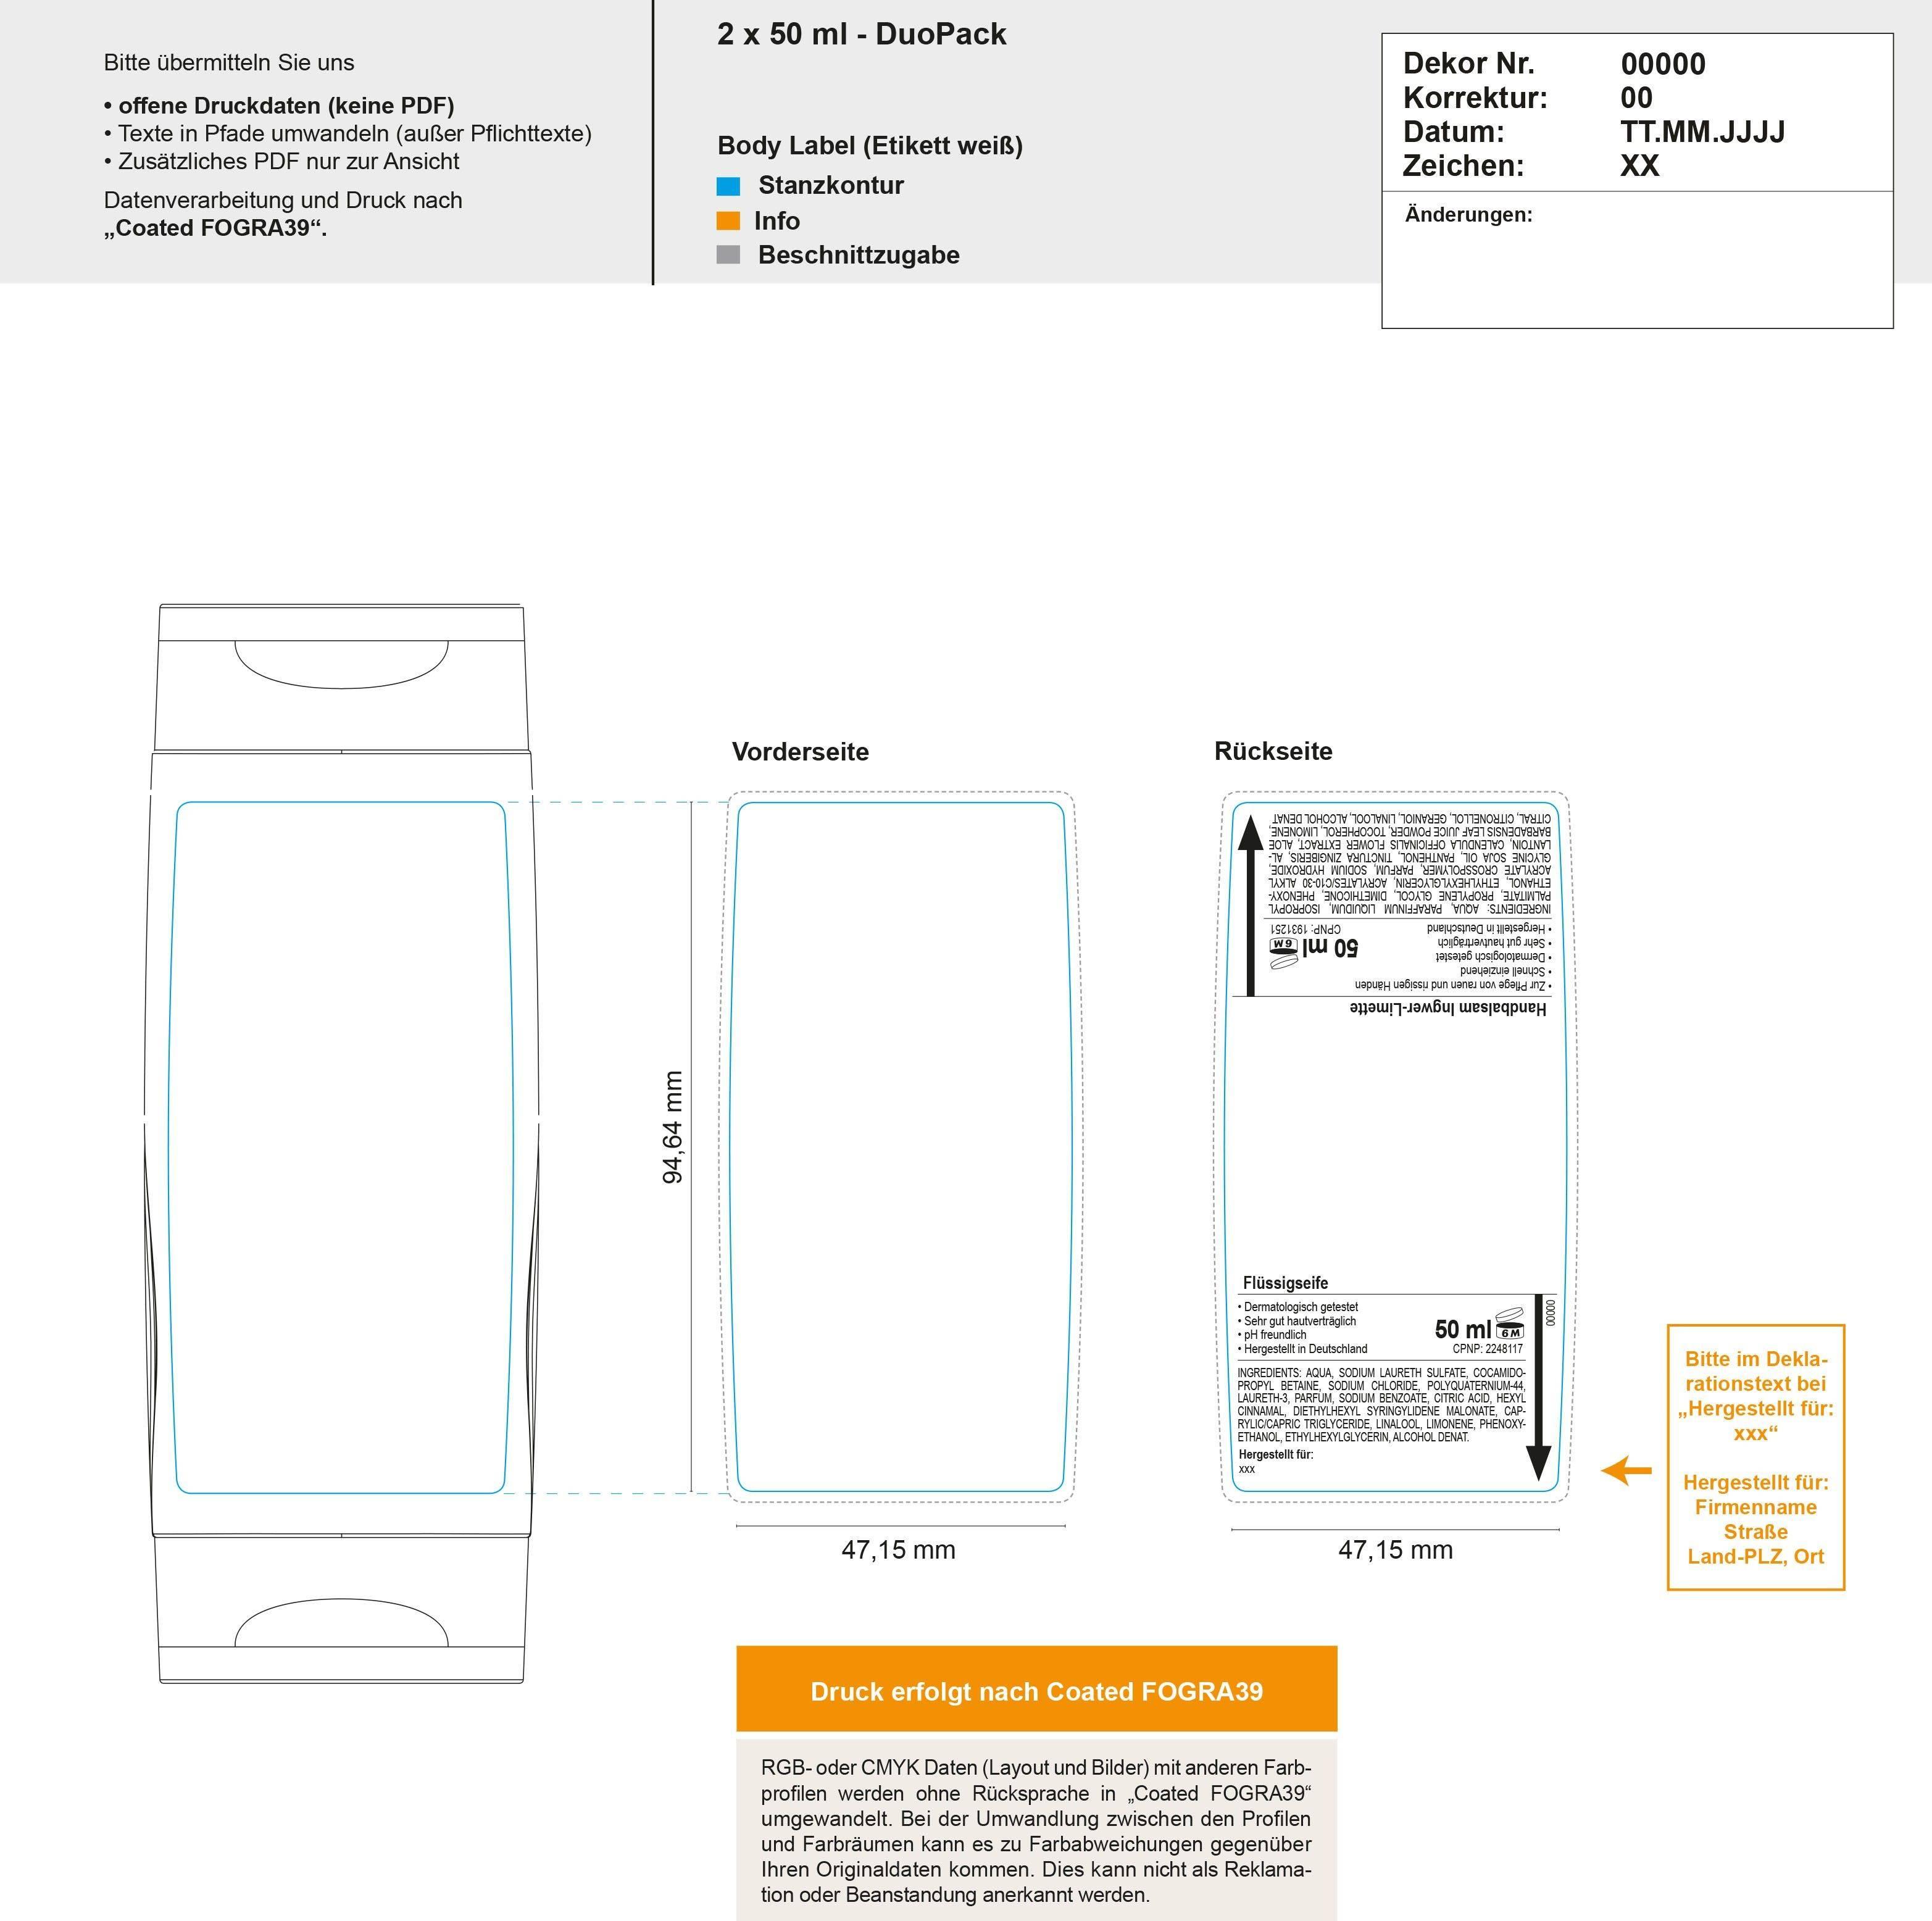 DuoPack-12-Handbalsam-Ingwer-Limette-Flussigseife-DE-AT-CH